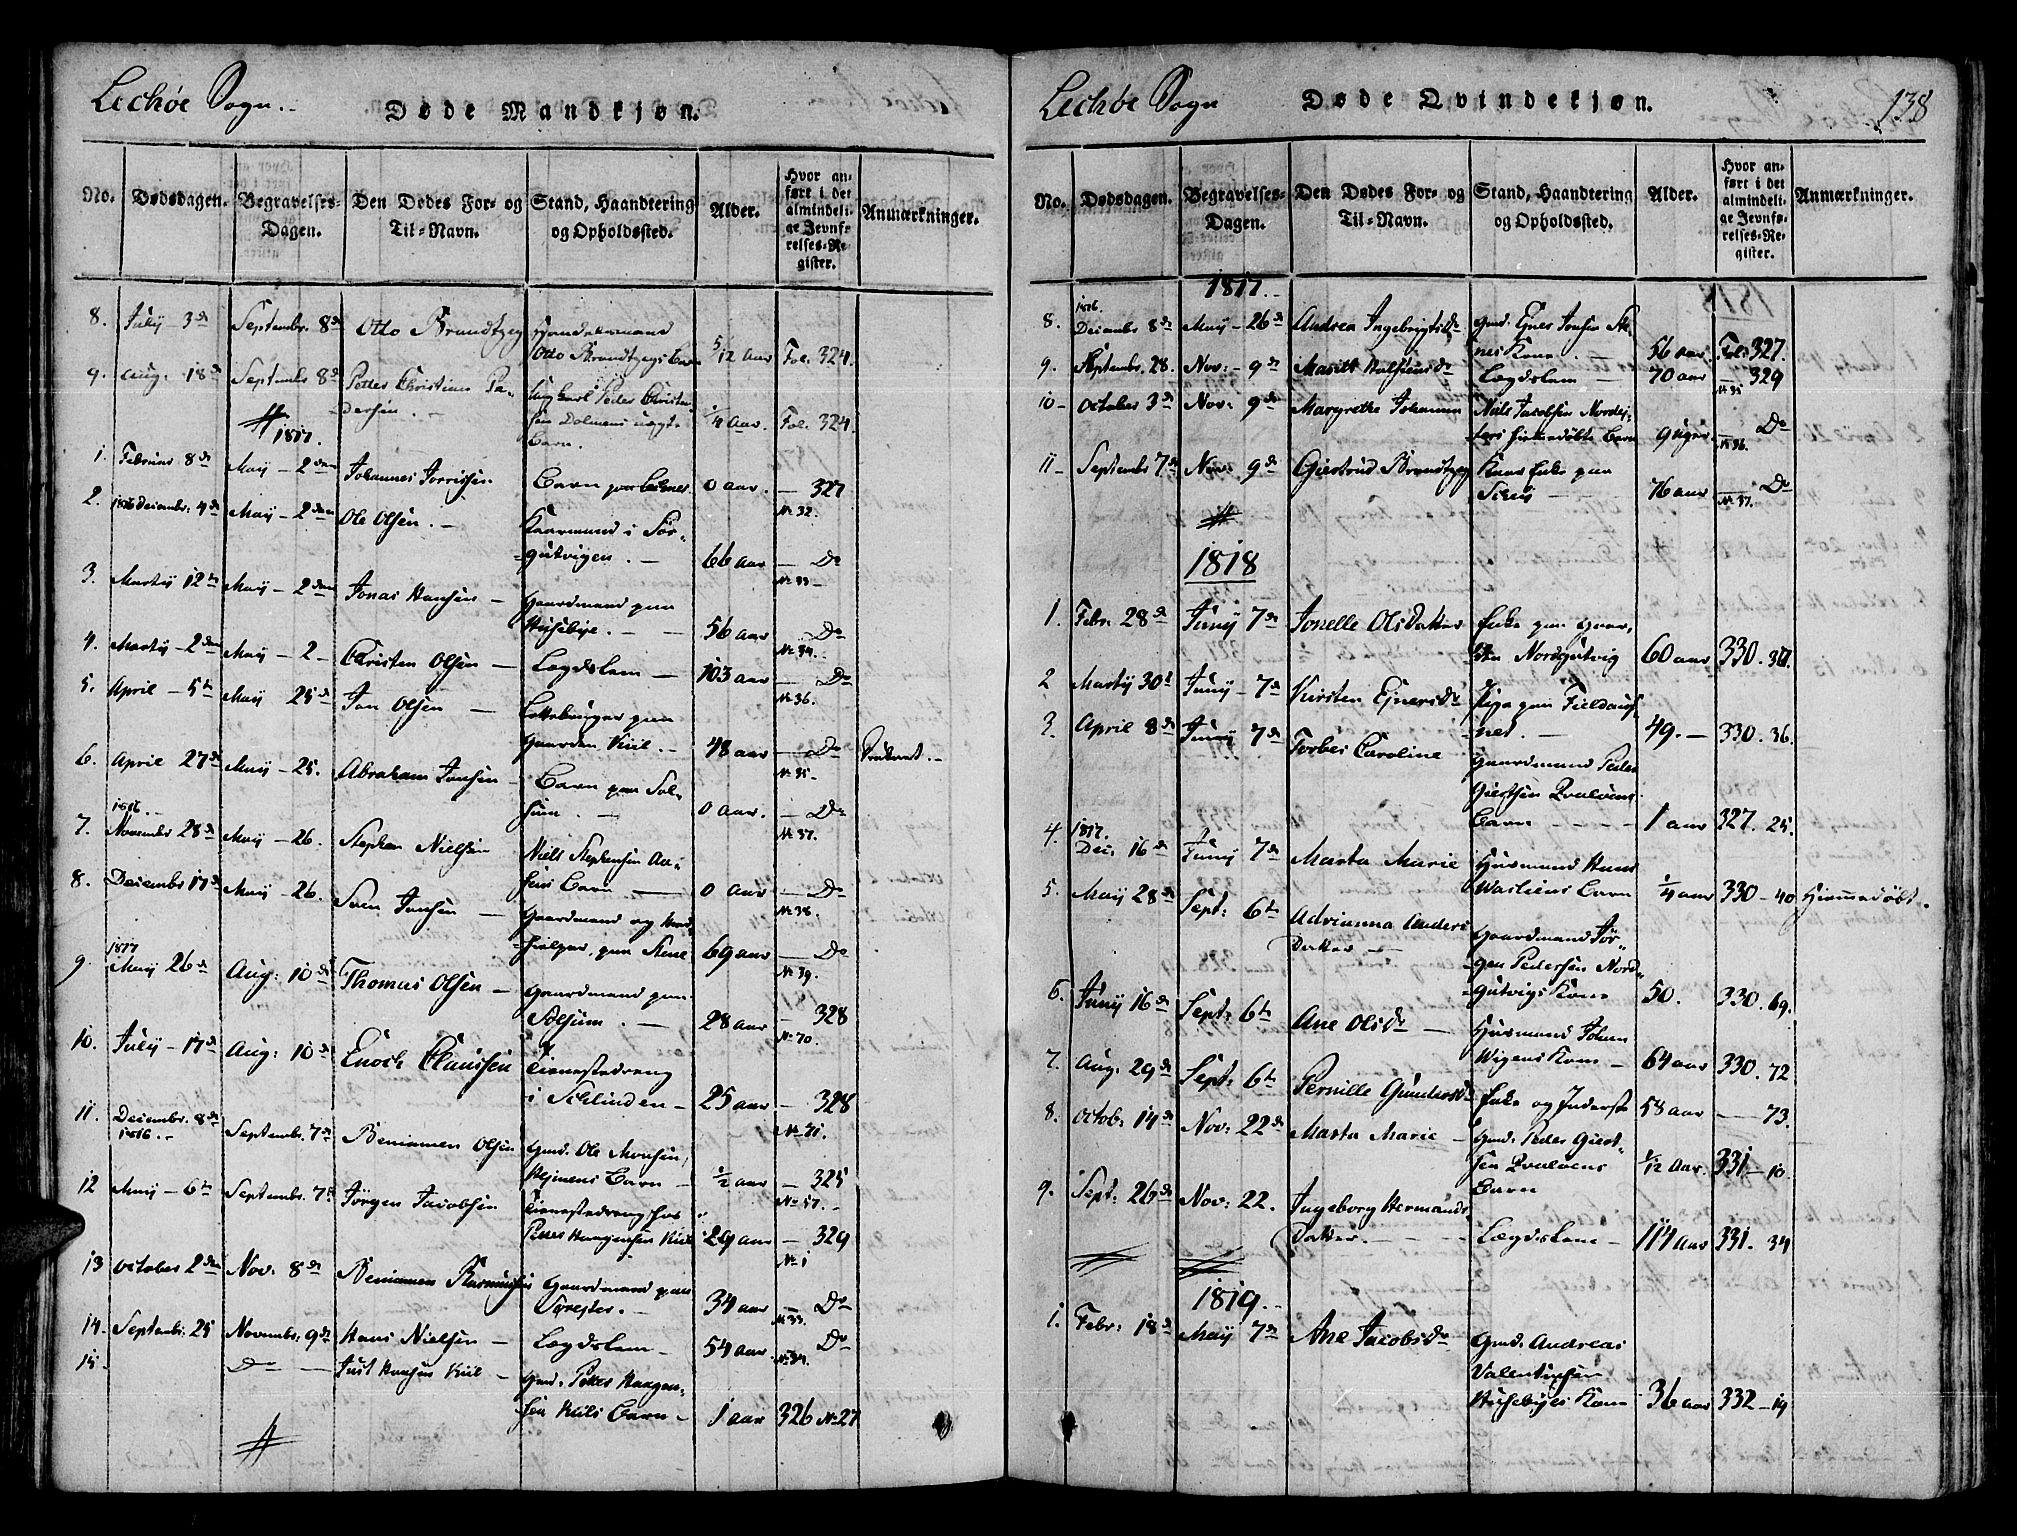 SAT, Ministerialprotokoller, klokkerbøker og fødselsregistre - Nord-Trøndelag, 780/L0636: Ministerialbok nr. 780A03 /2, 1815-1829, s. 138